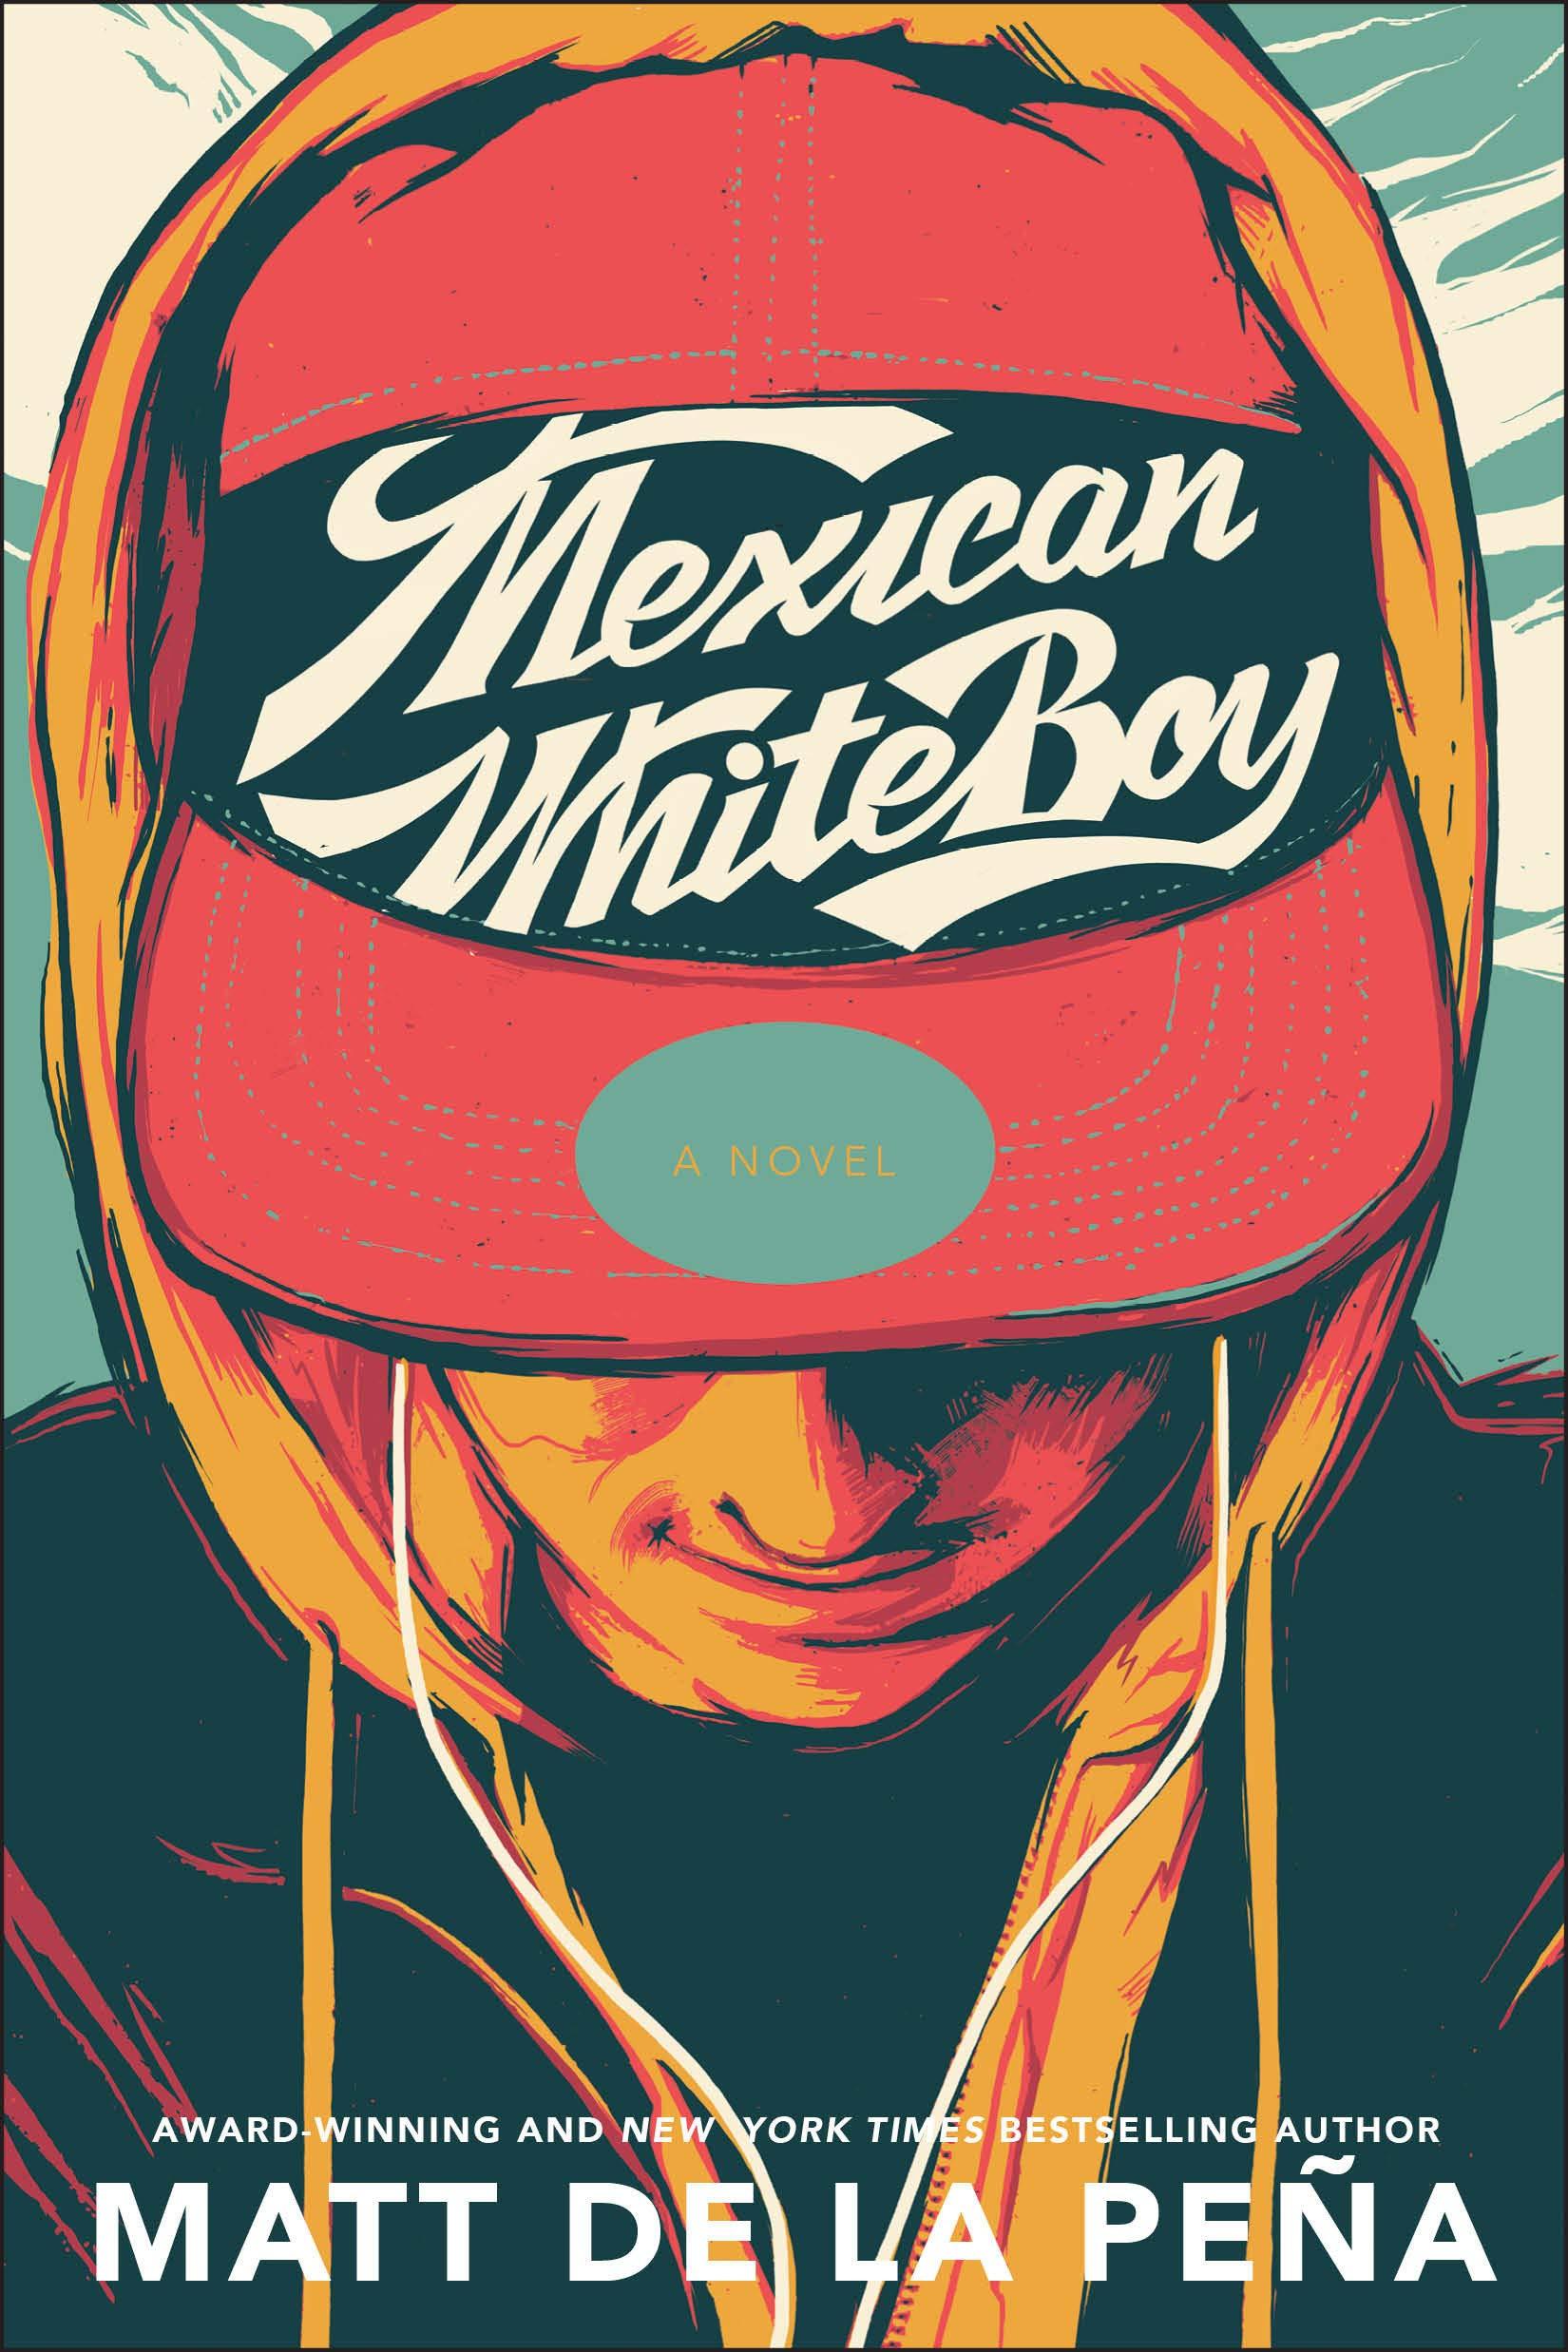 Amazon.com: Mexican WhiteBoy (9780440239383): de la Peña, Matt: Books